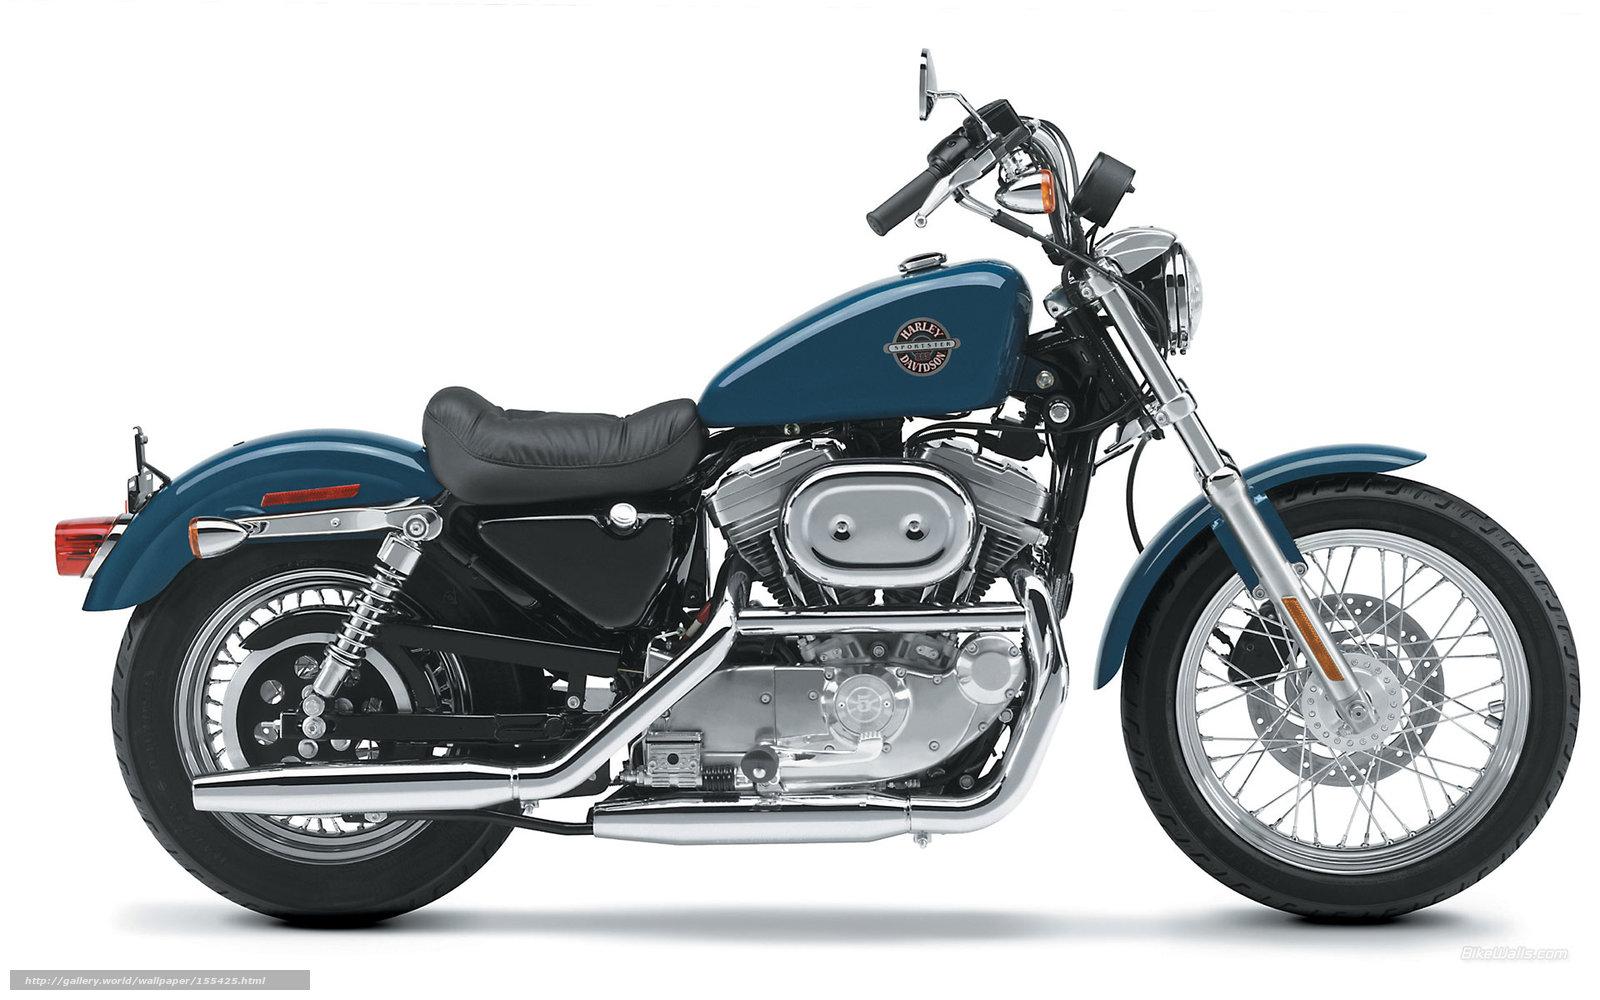 Download Hintergrund Harley-Davidson,  Sportster,  XLH 883 Sportster Hugger 883,  XLH 883 Sportster Hugger 883 2002 Freie desktop Tapeten in der Auflosung 1920x1200 — bild №155425